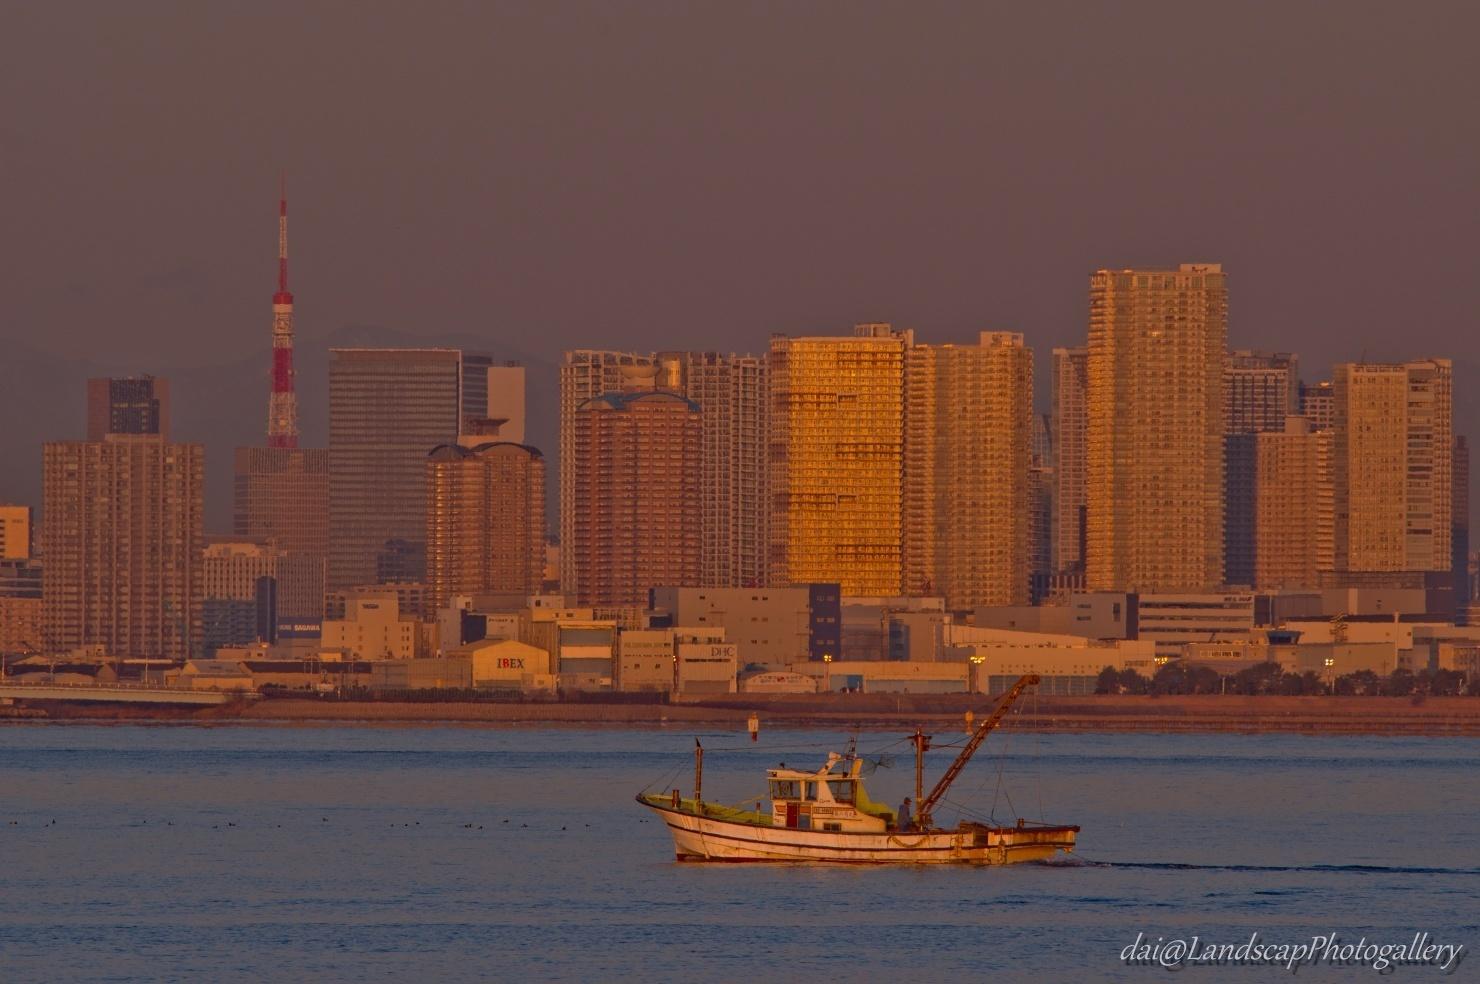 朝陽受ける湾岸タワーマンション群と東京湾の漁風景